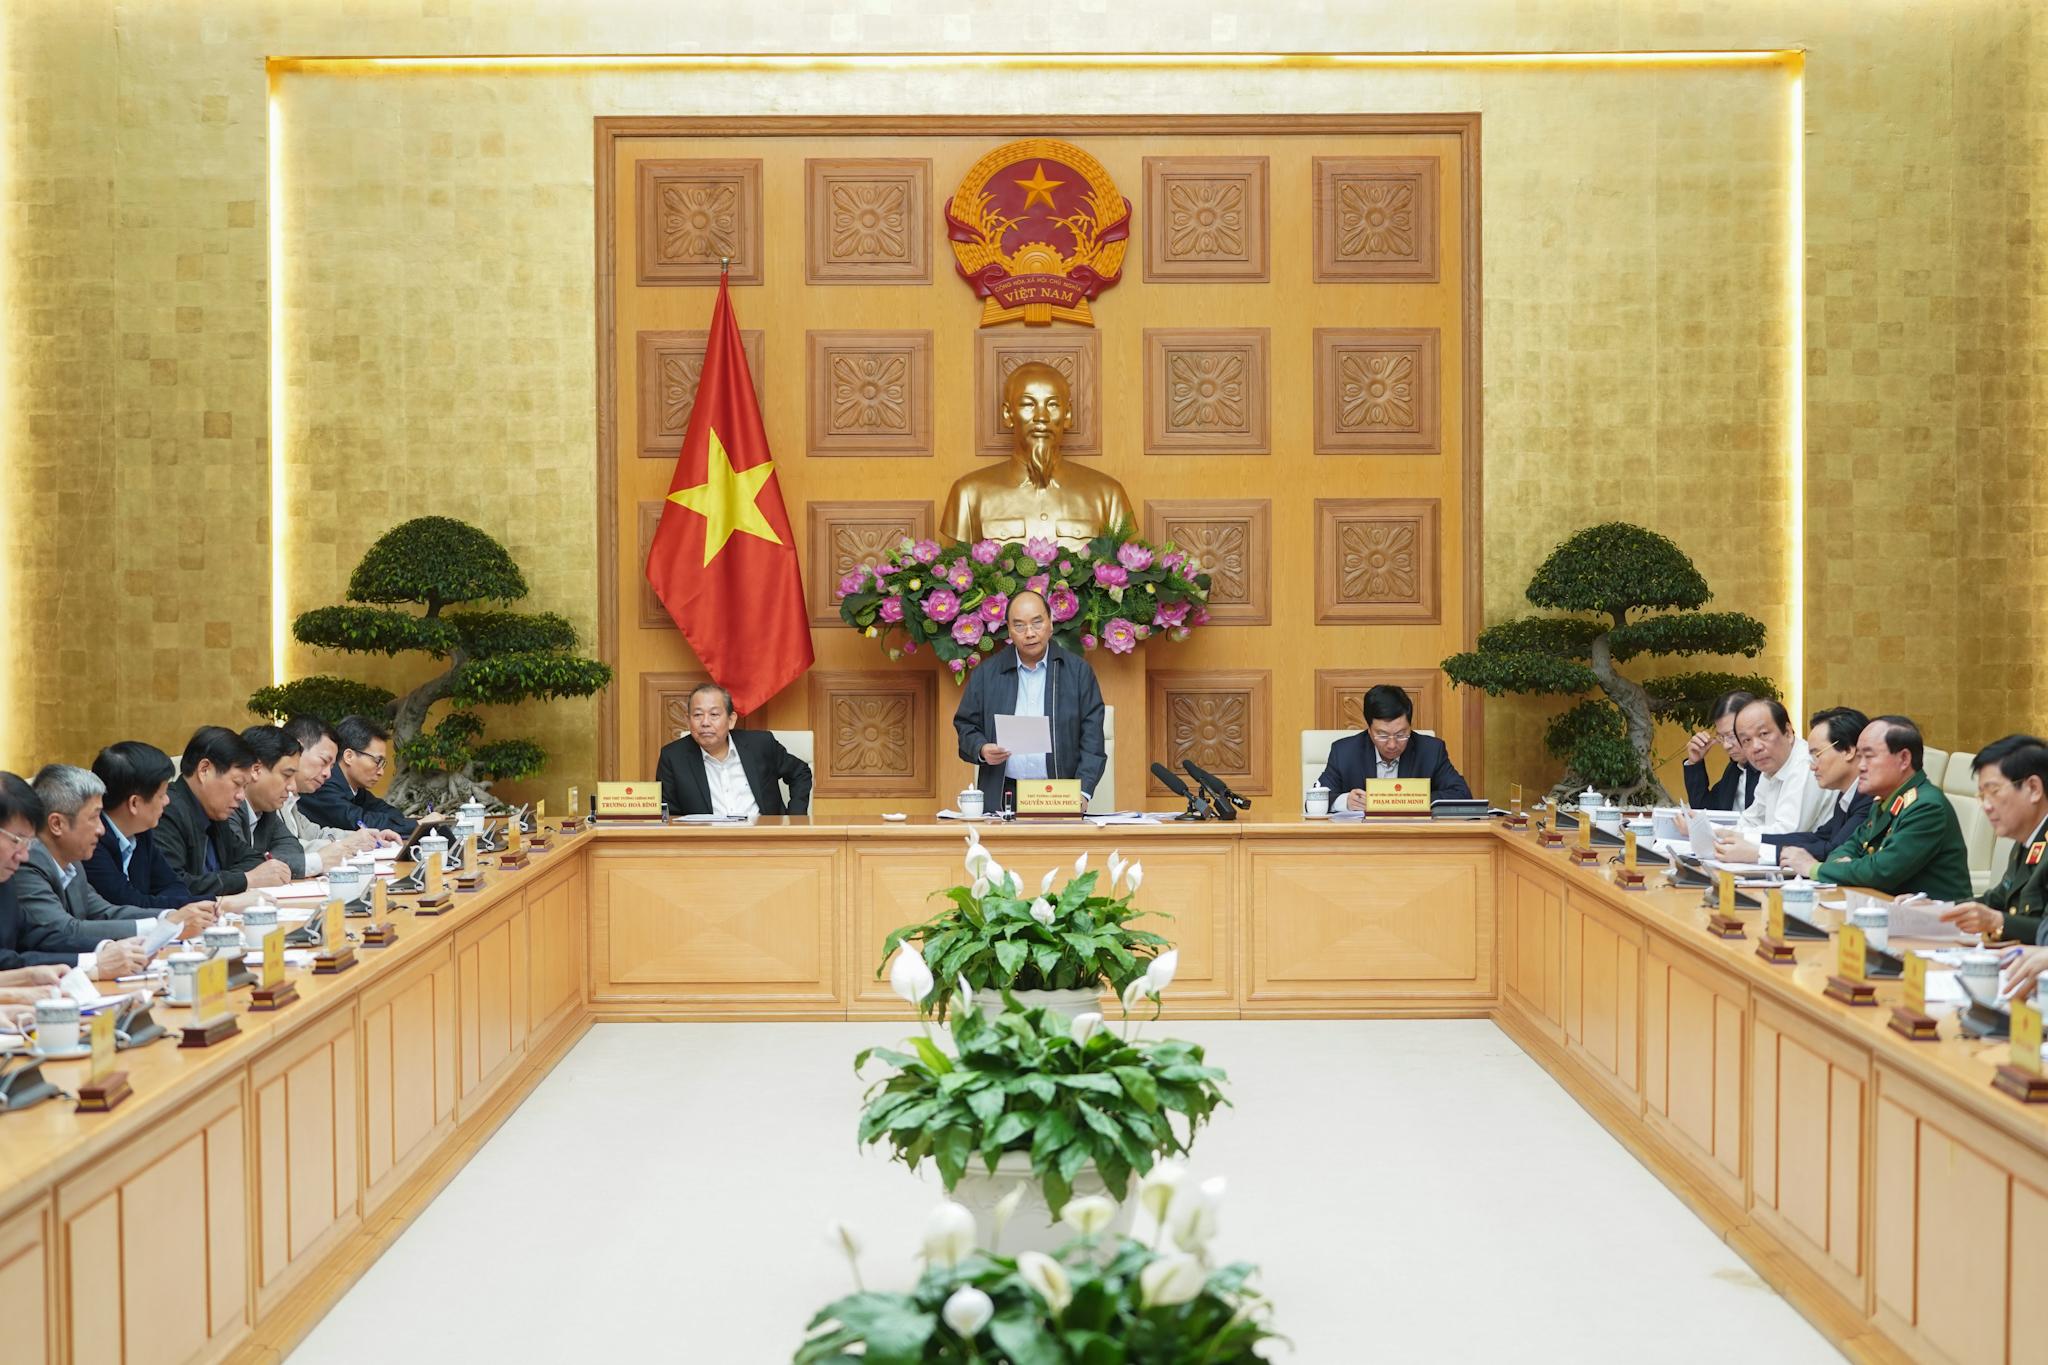 Thủ tướng Nguyễn Xuân Phúc chủ trì cuộc họp. (Ảnh: VGP/Quang Hiếu)